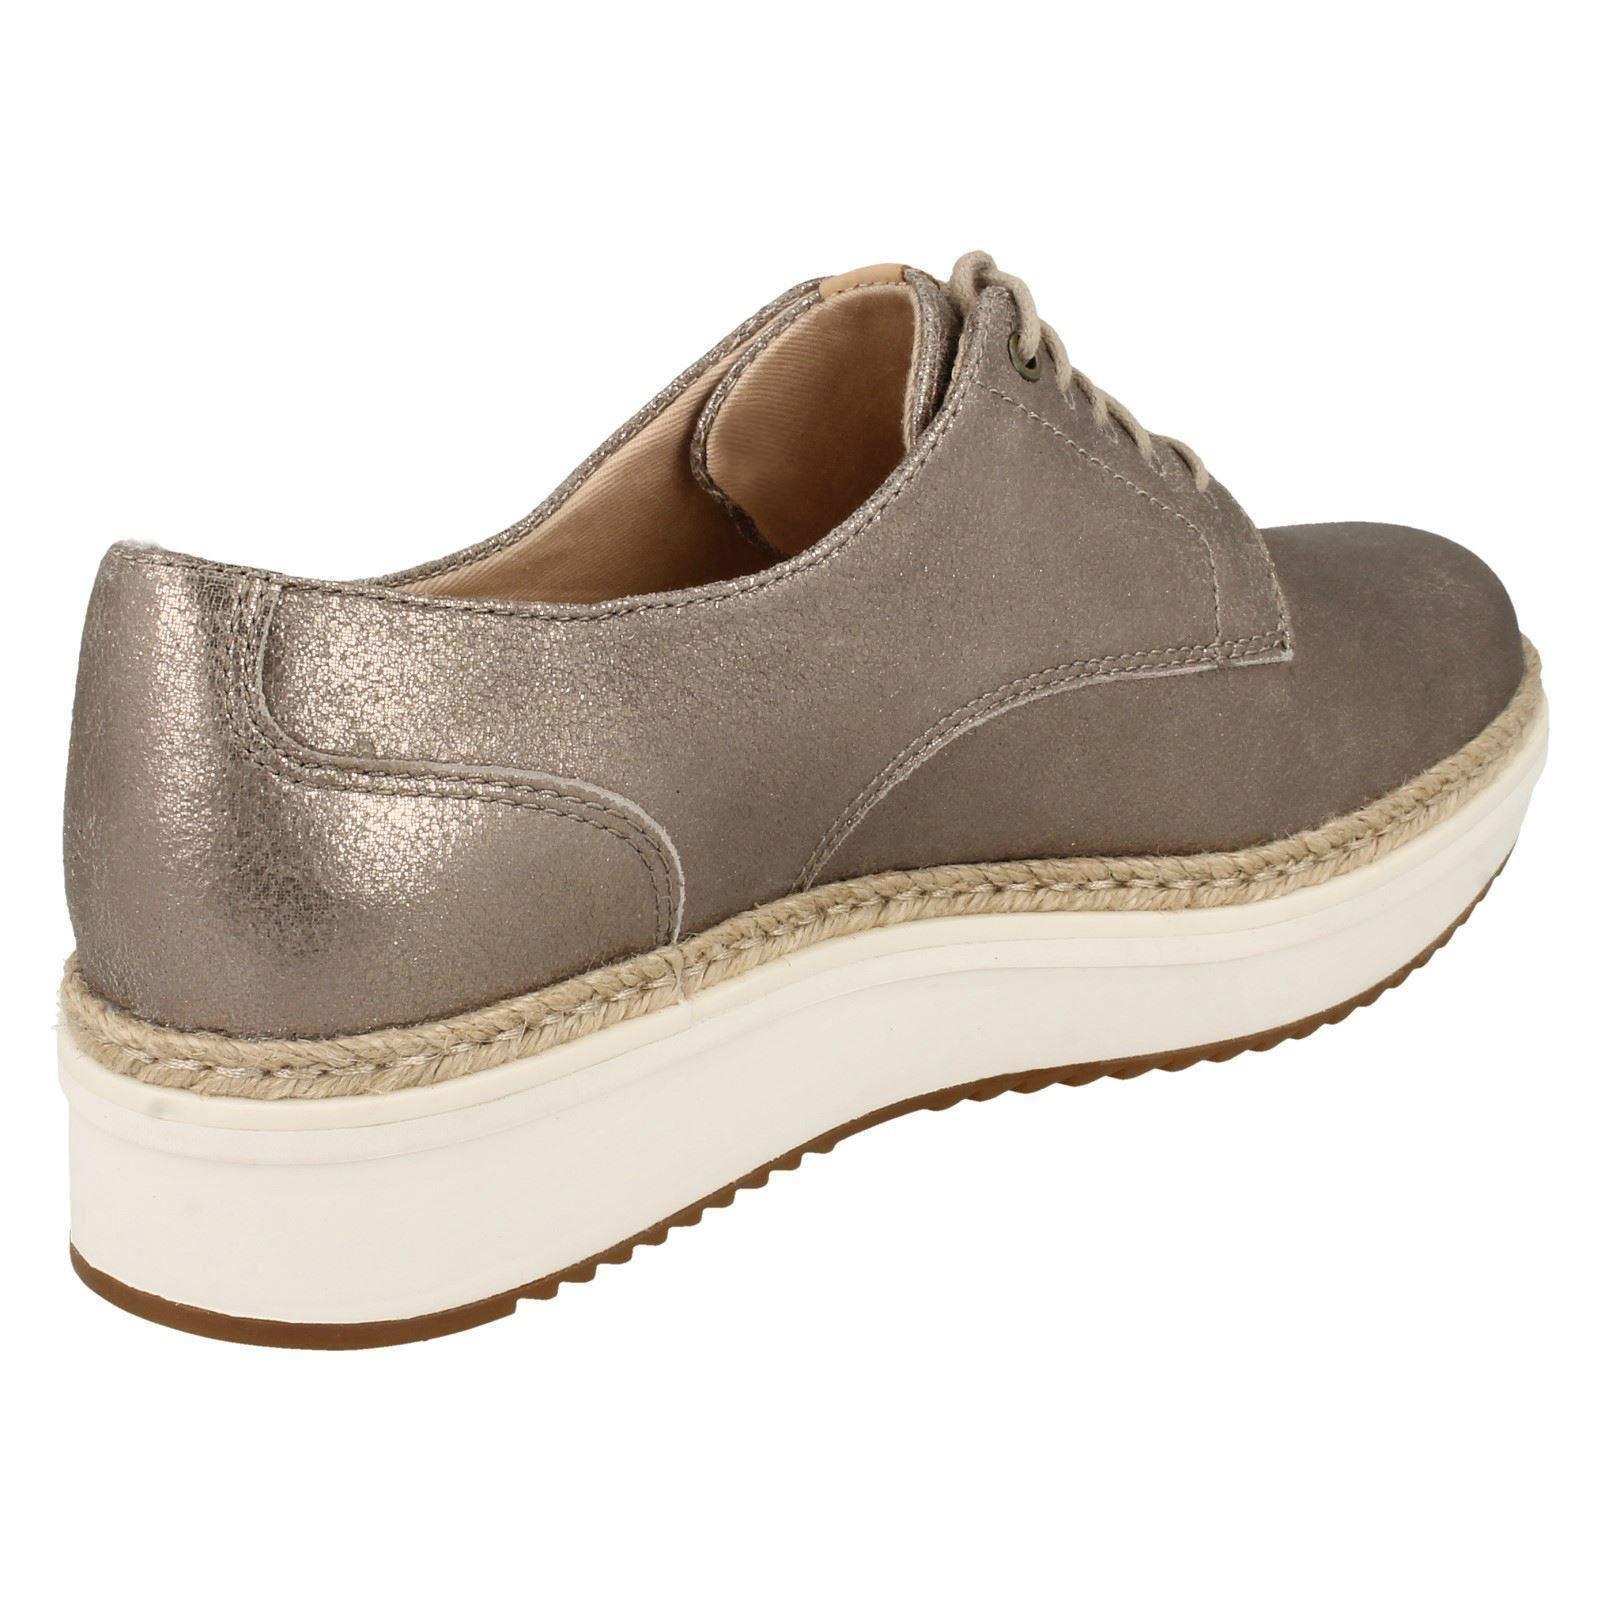 Teadale Rhea Clarks Ladies Brogue Style Shoes